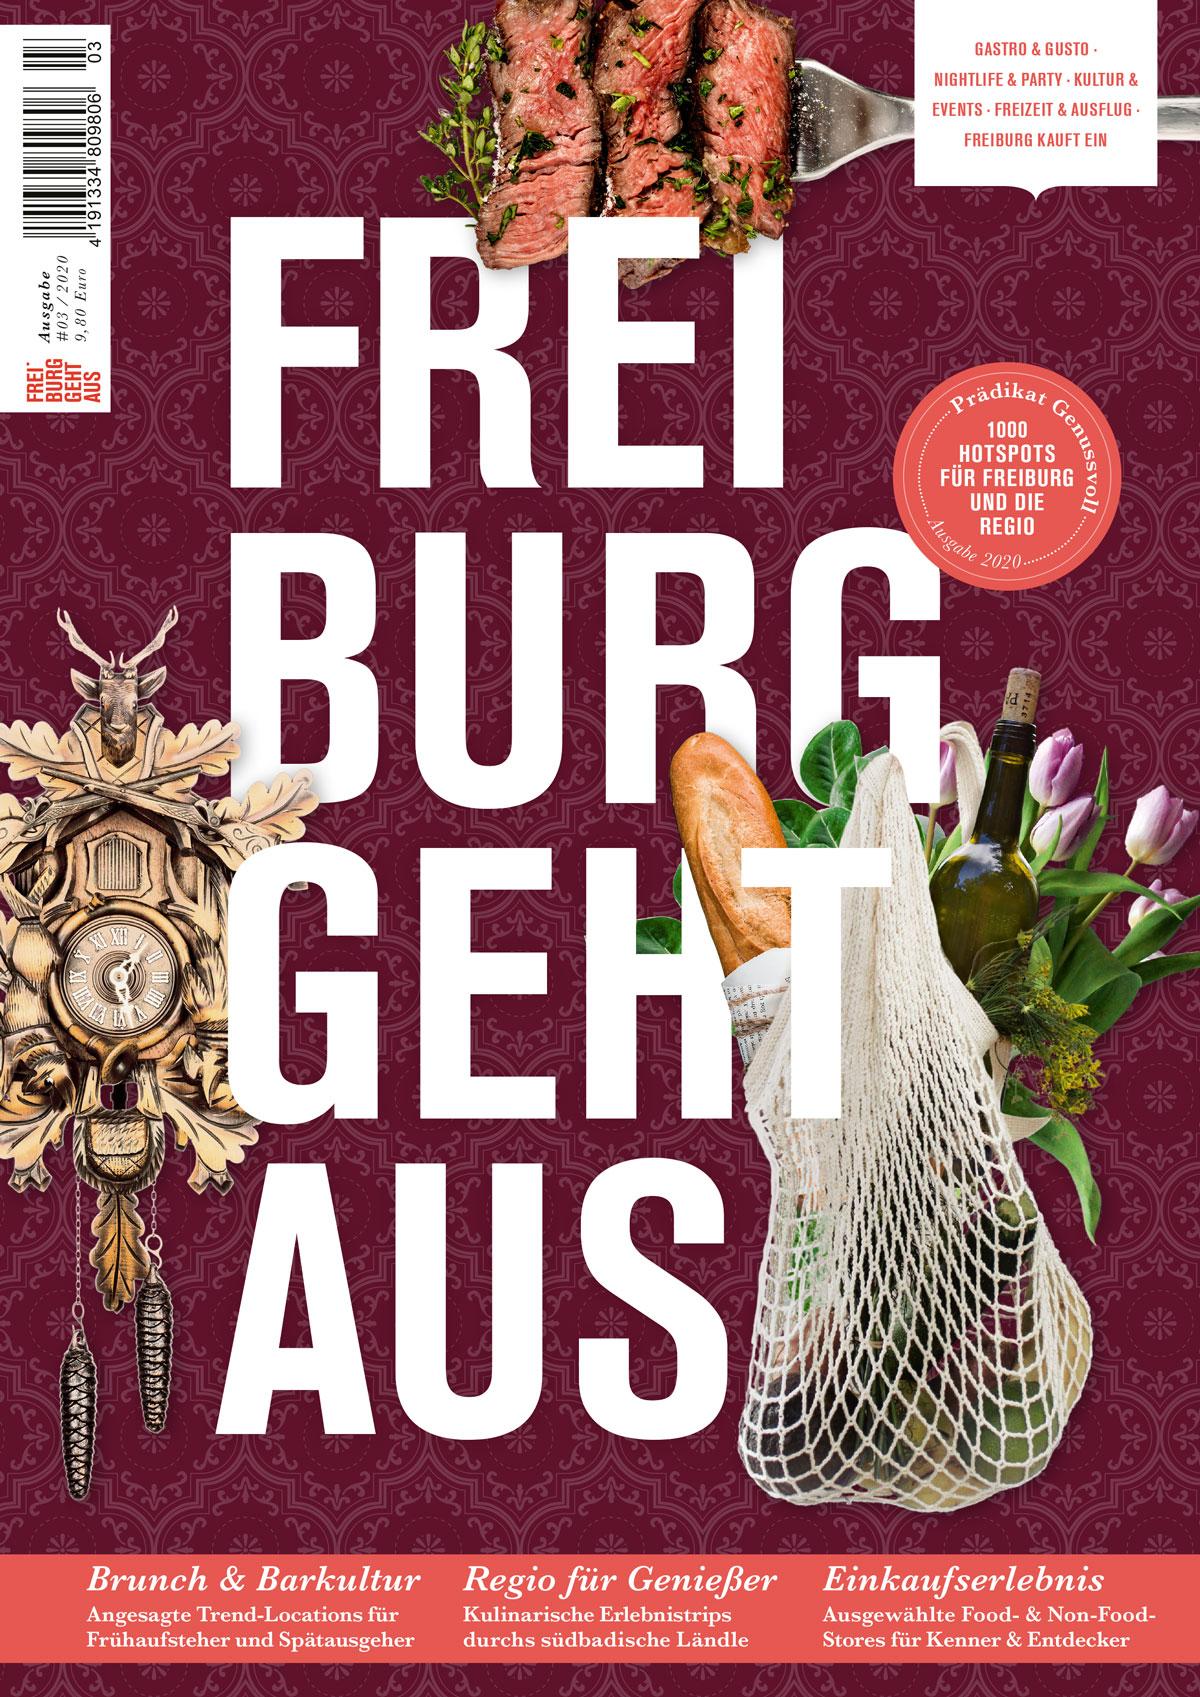 Freiburg geht aus